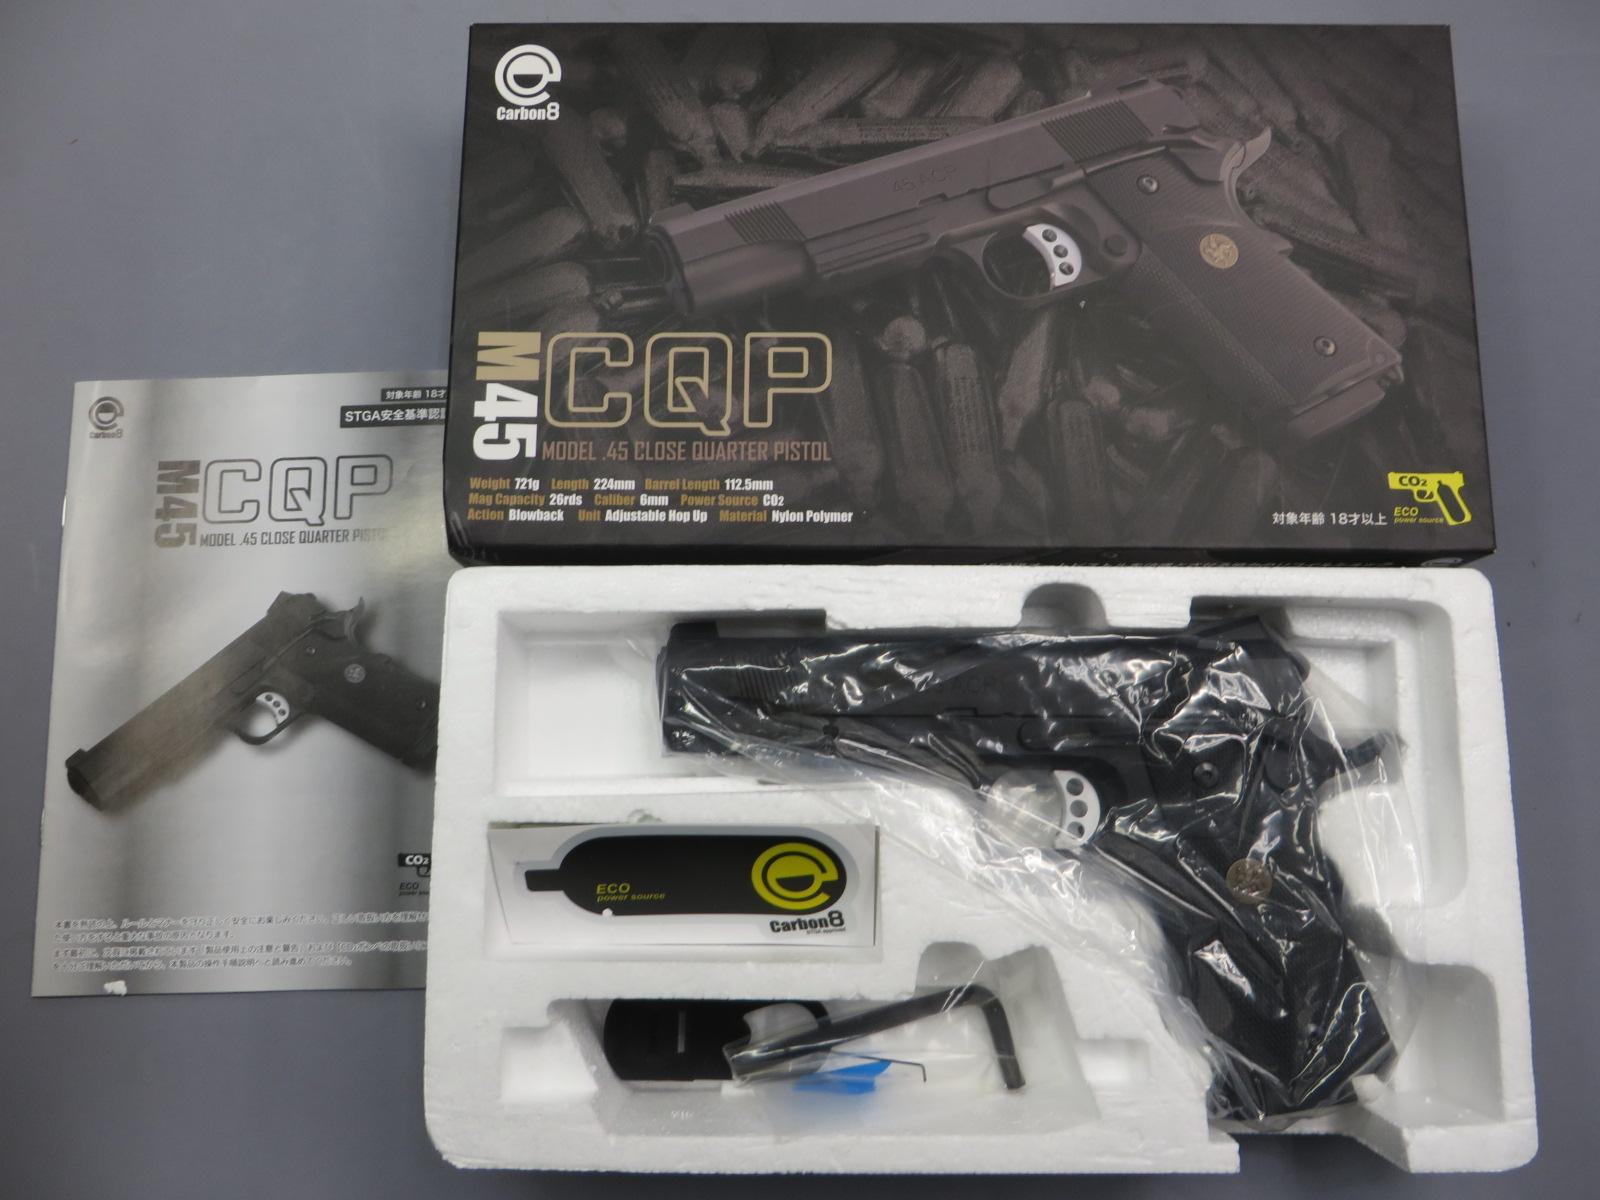 【Carbon8】M45 CQP CO2